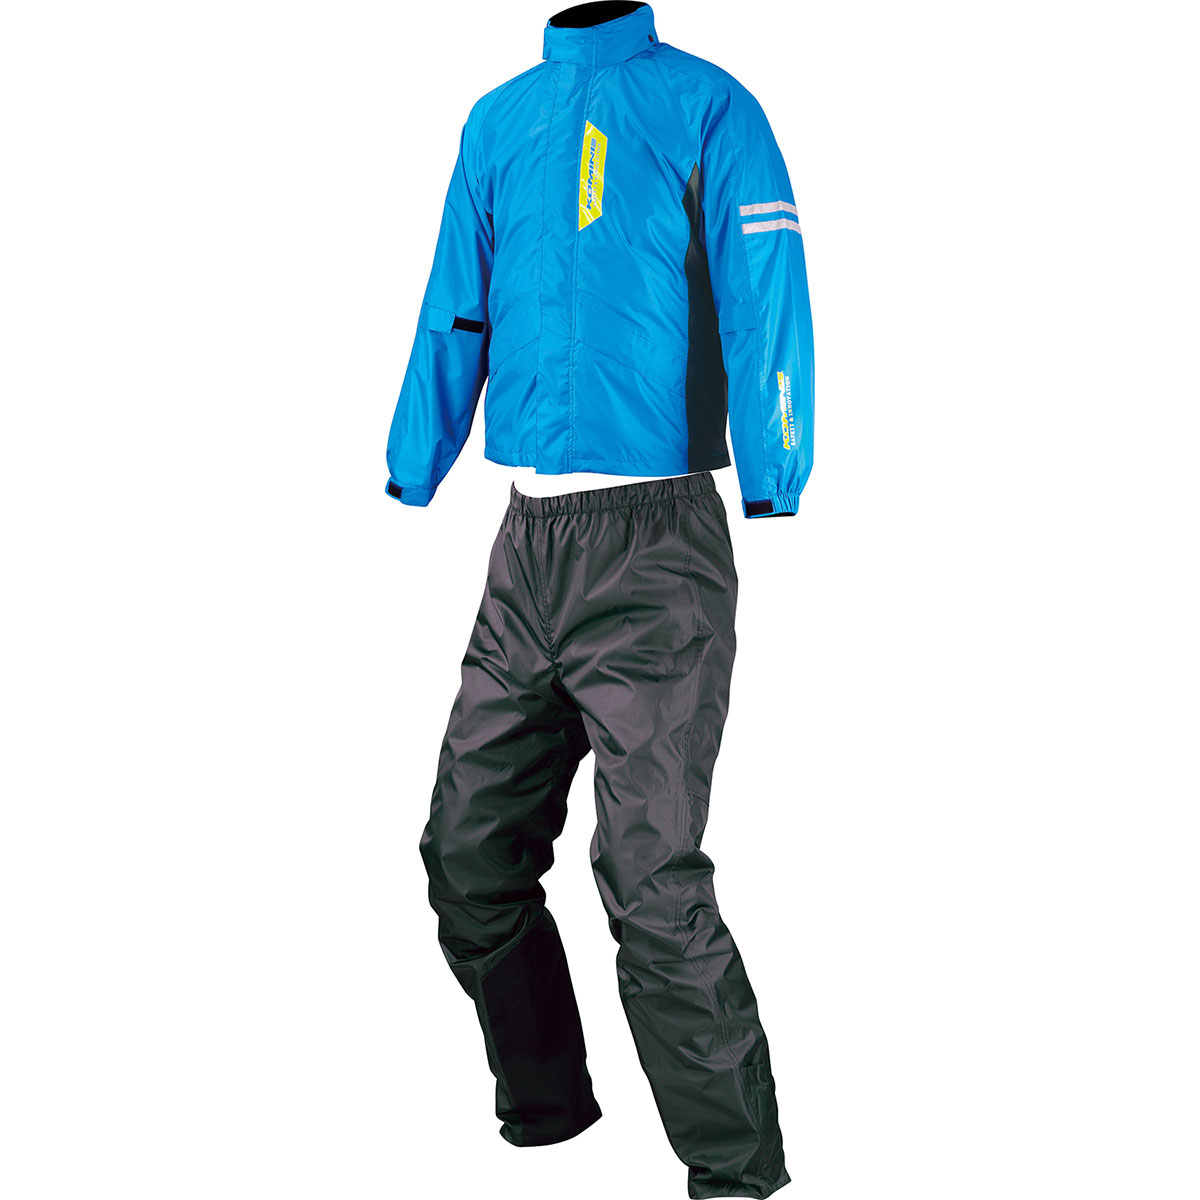 コミネ (Komine) バイク用 レインギア Rain gear RK-539 ブレスターレインウェア フィアート シアン ブルー 青 XLサイズ 03-539/C.BL/XL